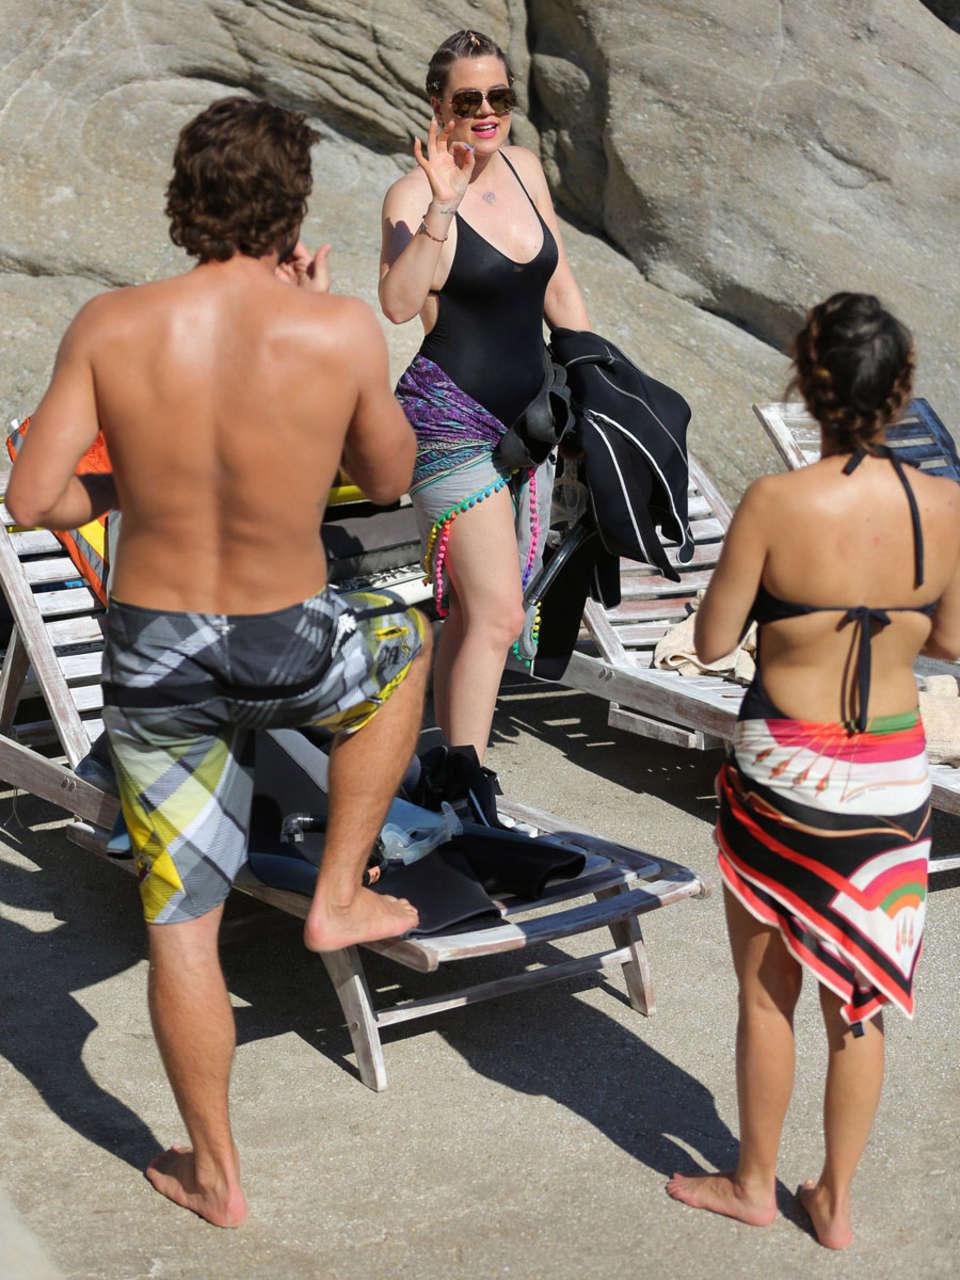 Khloe Amp Kourtney Kardashian Swimsuite Cansids In Mykonos